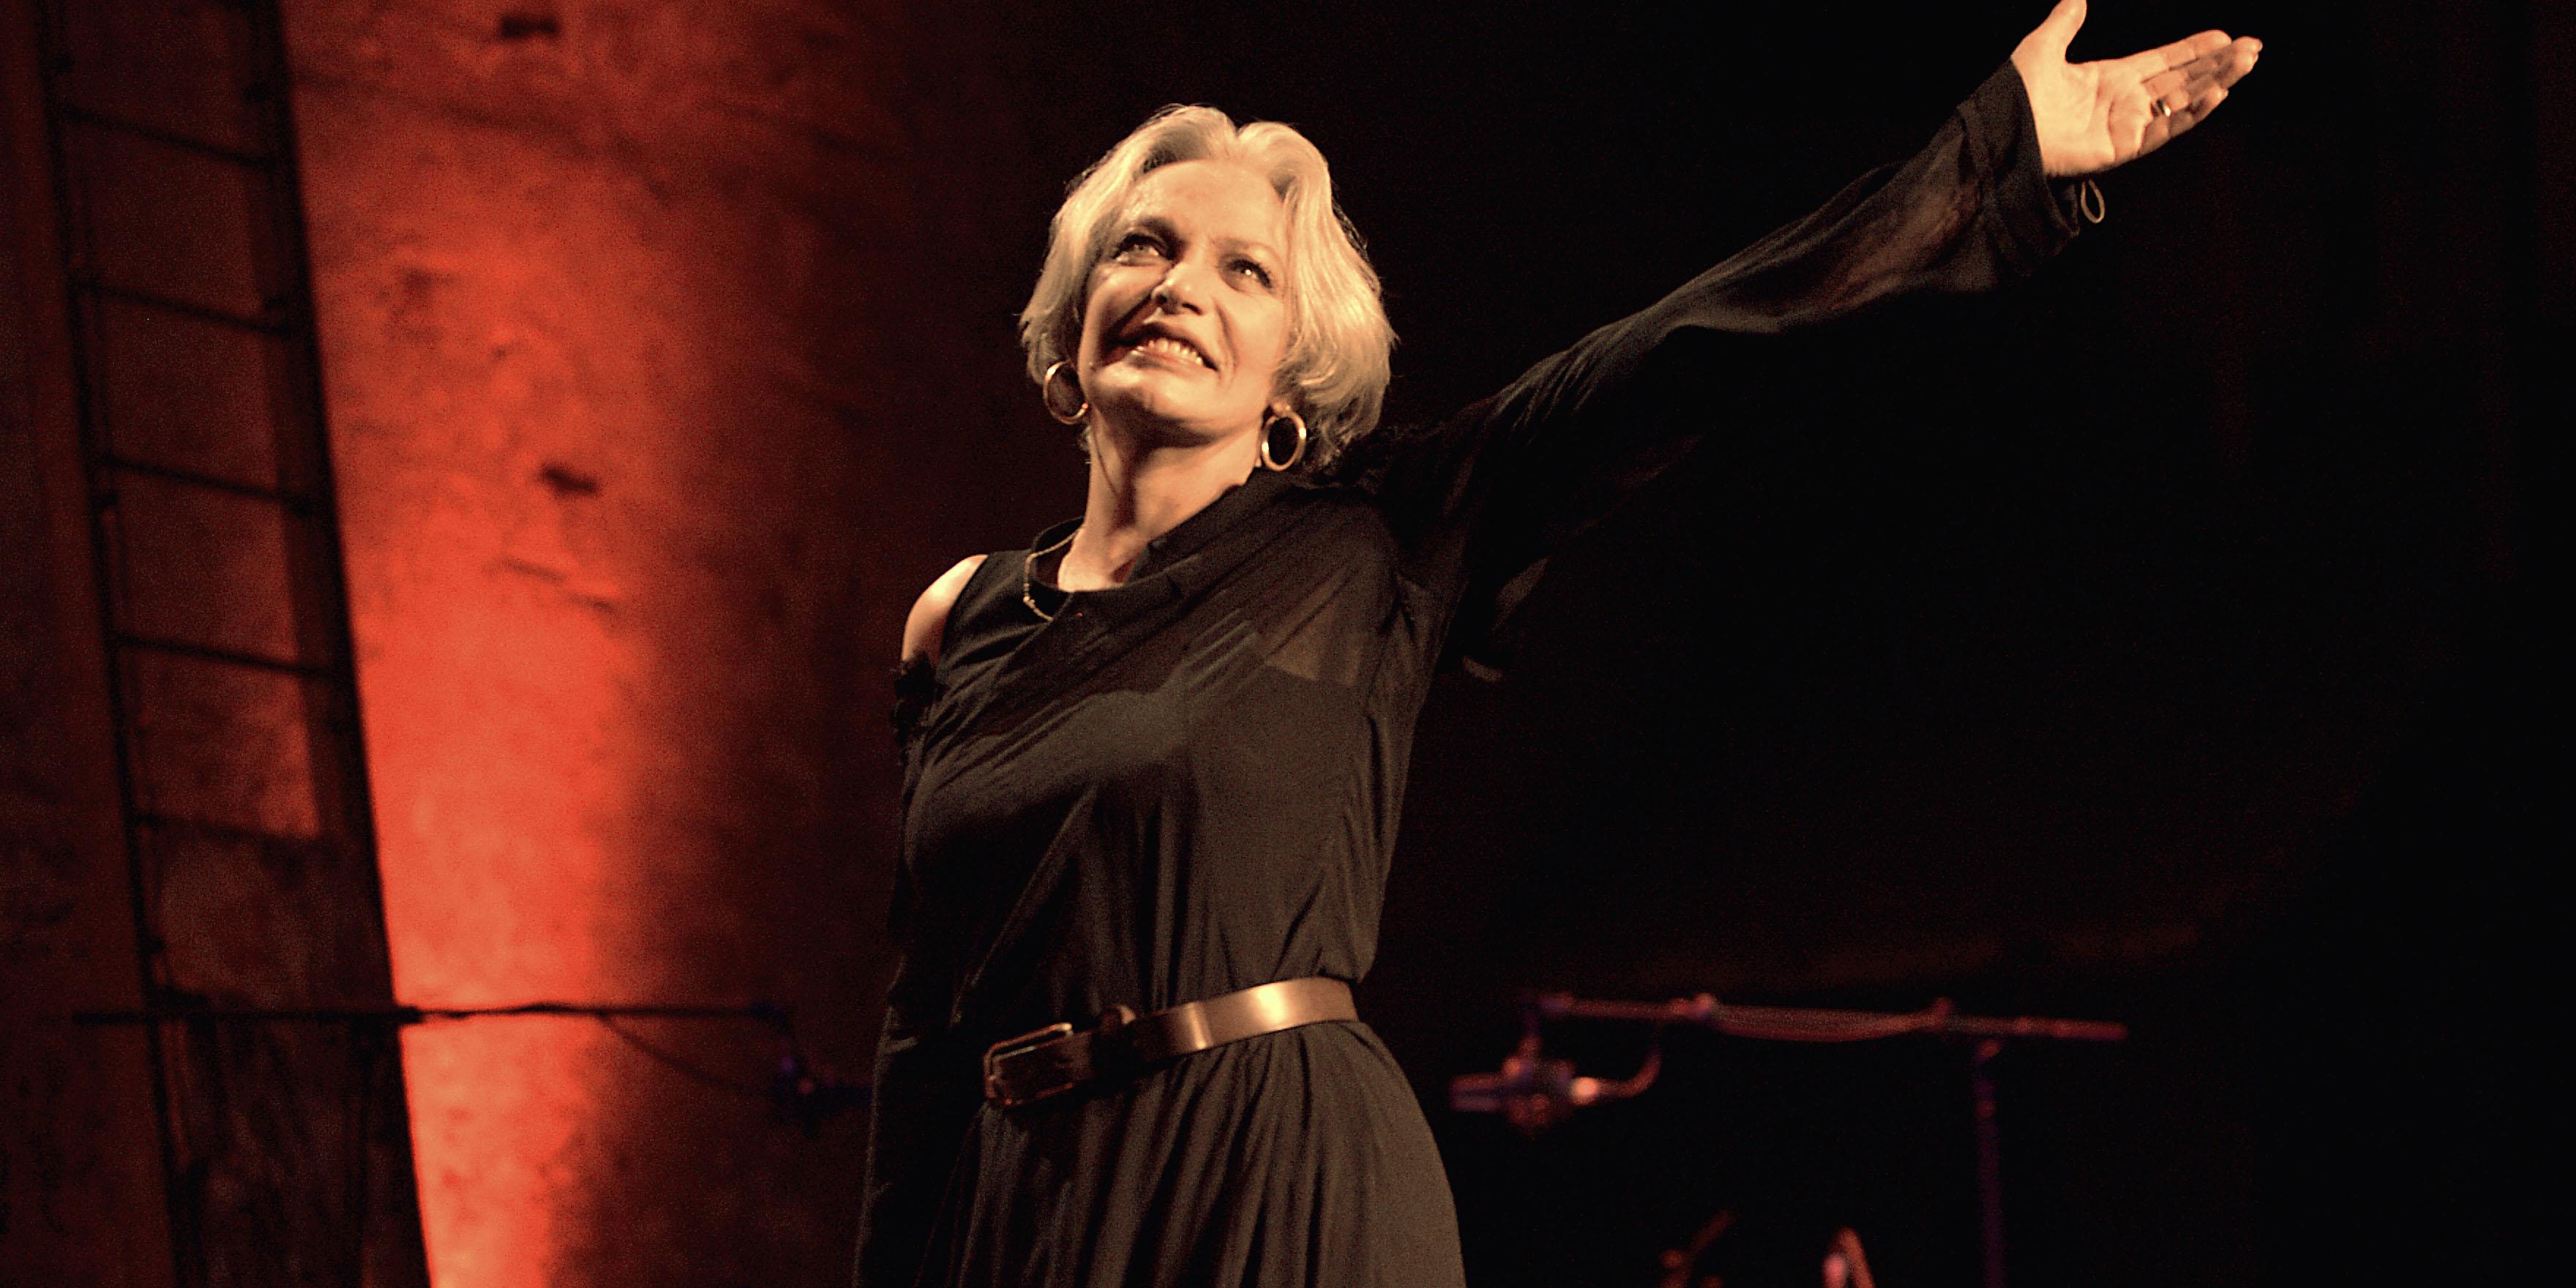 La chanteuse et actrice Marie Laforêt, interprète des